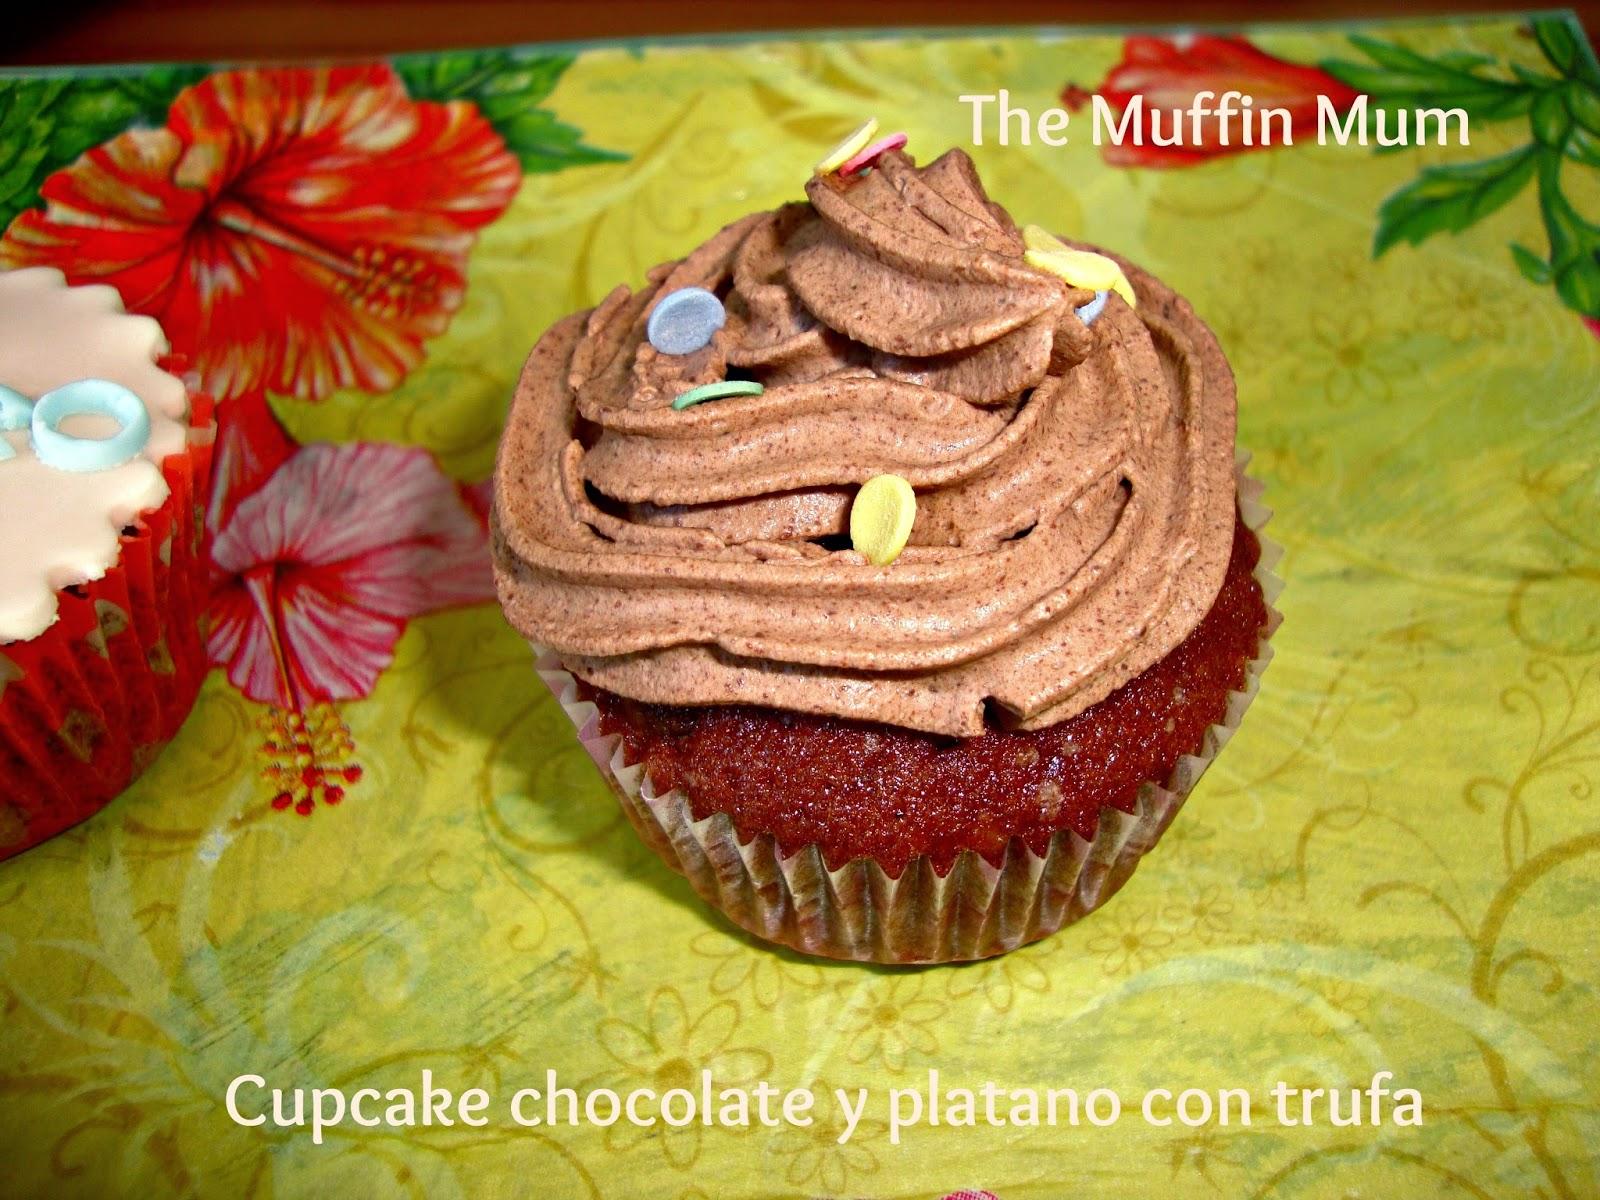 Cupcakes de chocolate y plátano con trufa